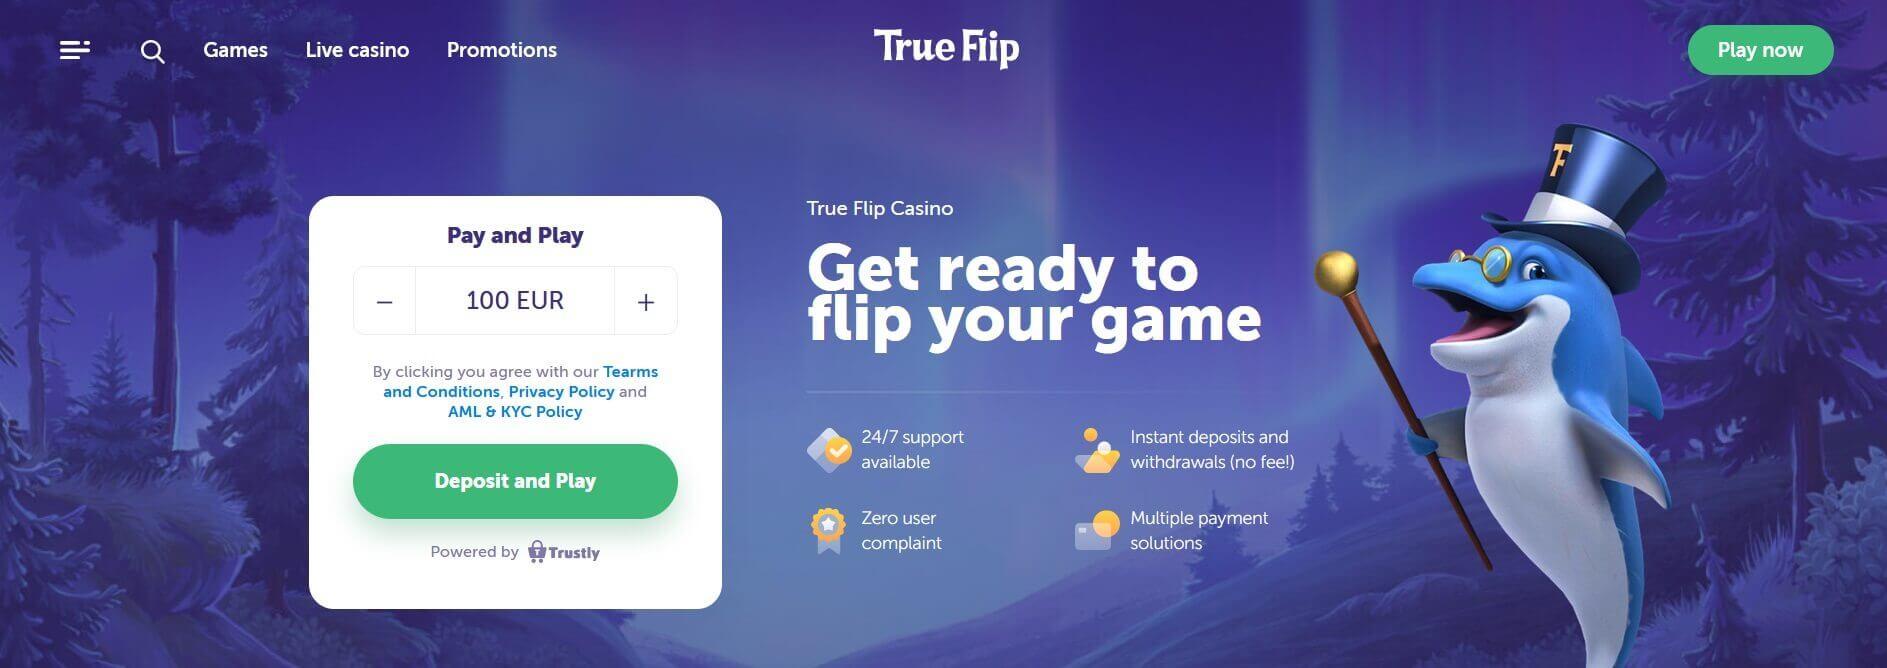 True Flip casino homepage screenshot 1887x668